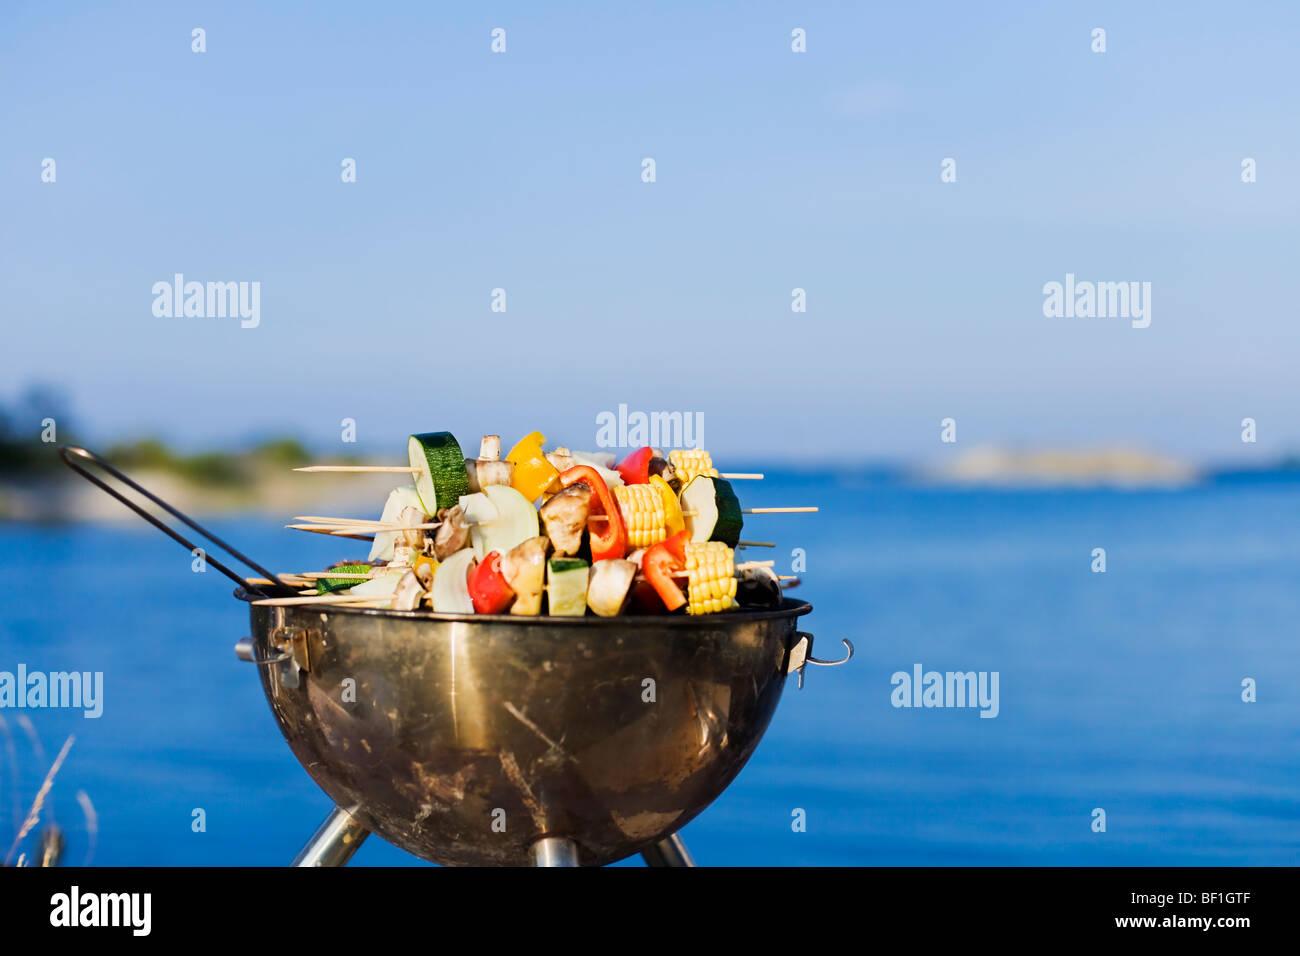 Barbecue, Stockholm archipelago, Sweden. - Stock Image